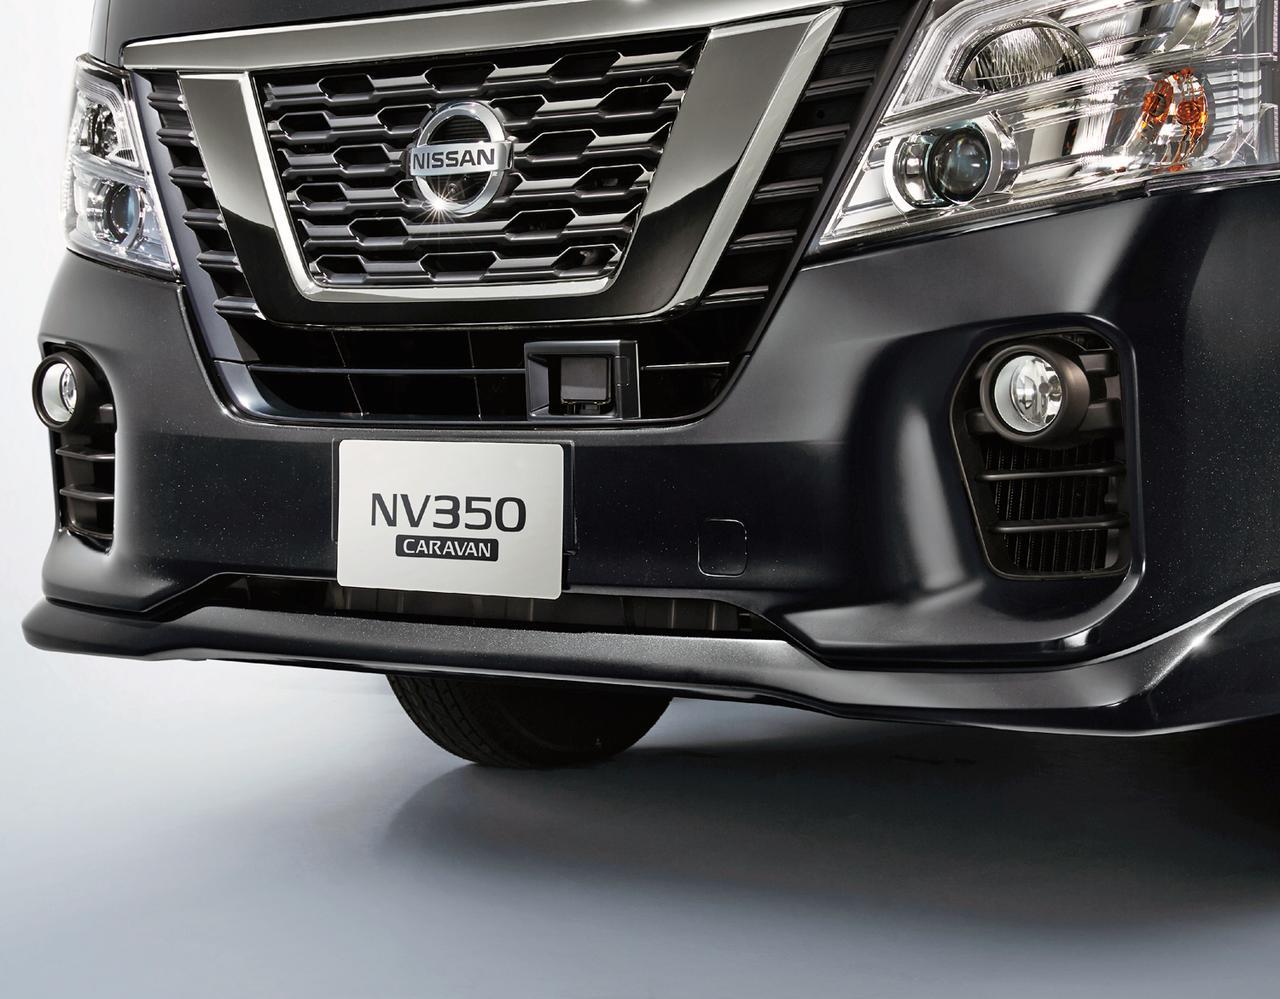 Images : 5番目の画像 - NV350キャラバン 特別仕様車 - Webモーターマガジン